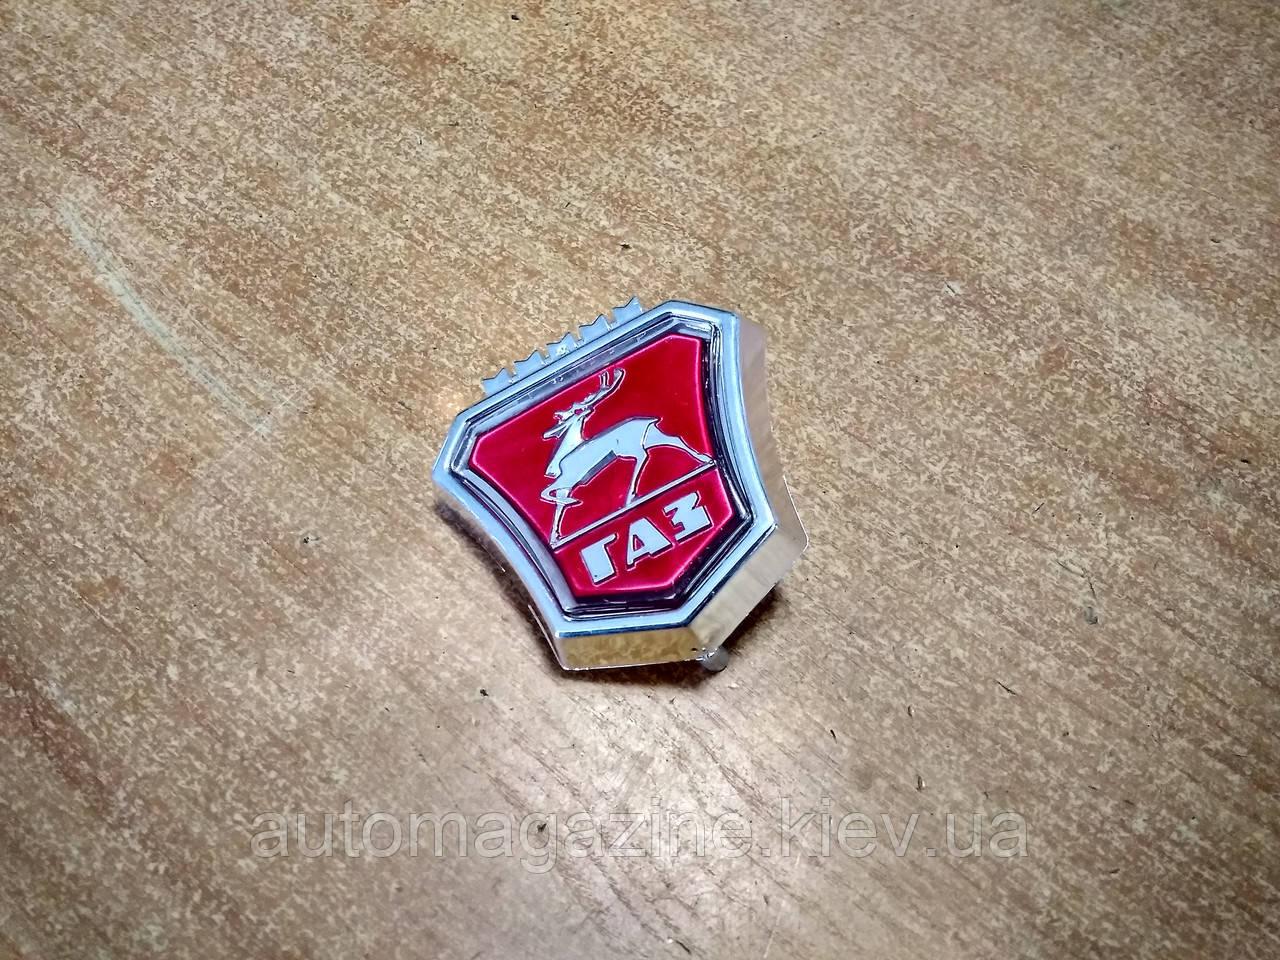 Эмблема решетки радиатора Газель, ГАЗ 3110